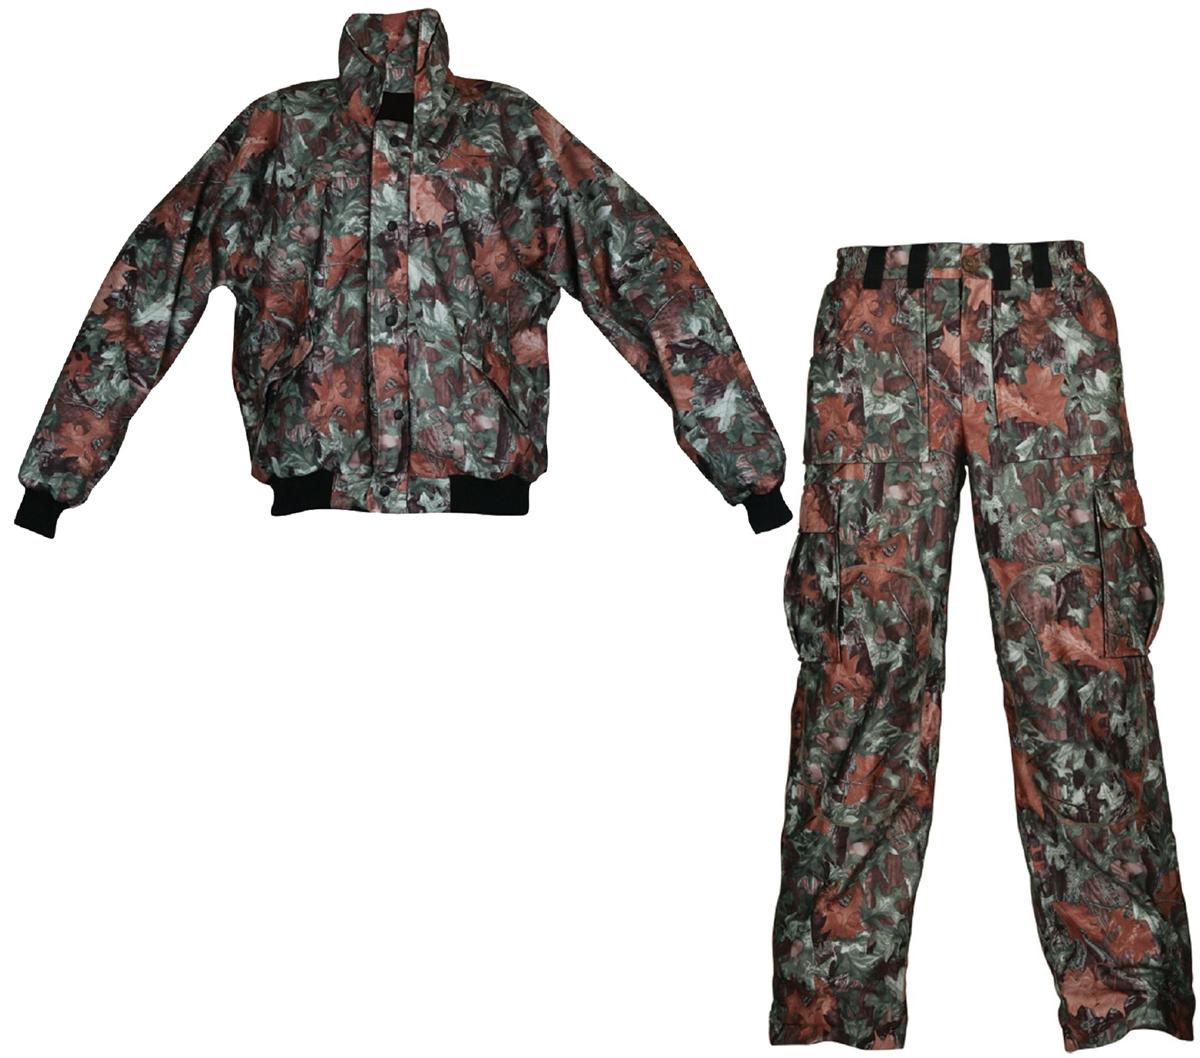 Костюм рыболовный осенний Arctix: куртка, брюки, цвет: камуфляж. 808-00402. Размер L (52)808Одежда для рыбалки изготовлена из 100% флиса и мембранной ткани 5 000/10 000 тем самым обладает дышащими, водо и ветронепроницаемыми свойствами. Брюки имеют эластичный пояс и широкие шлевки под ремень. Контактные зоны брюк усилены накладками. Внизу брюки для рыбалки имеют застежки-молнии, что позволяет быстро надеть одежду не снимая обуви, низ комбинезона оснащен регулируемой манжетой. Брюки абсолютно не шелестят и имеют, карманы на магнитных замках. Куртка абсолютно бесшумная и имеет магнитные замки для карманов. Рукава с трикотажными манжетами и поясом.